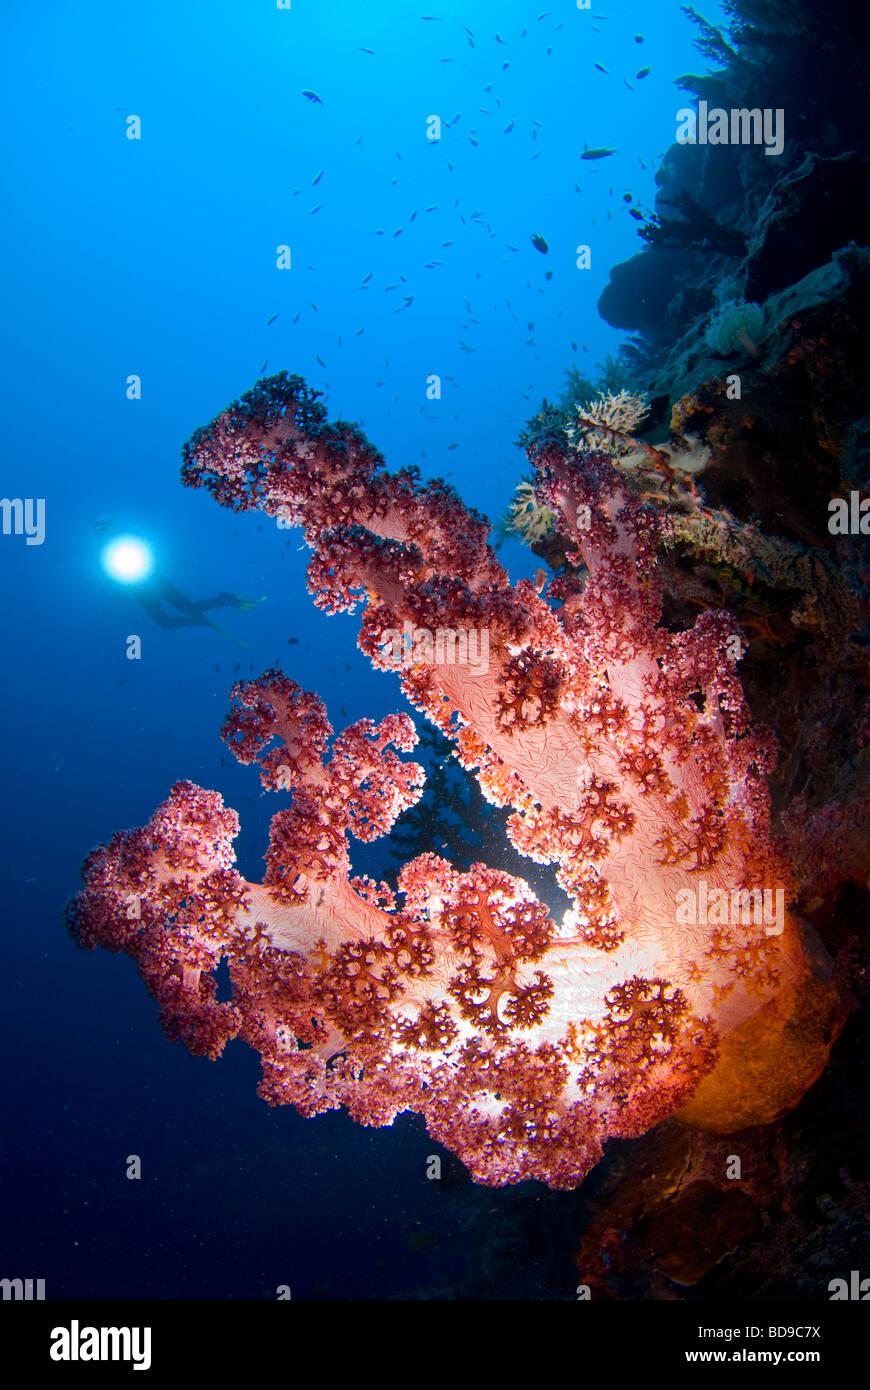 Una sana ricca di coralli molli fotografato nelle Filippine utilizzando una diversa tecnica di illuminazione. Immagini Stock